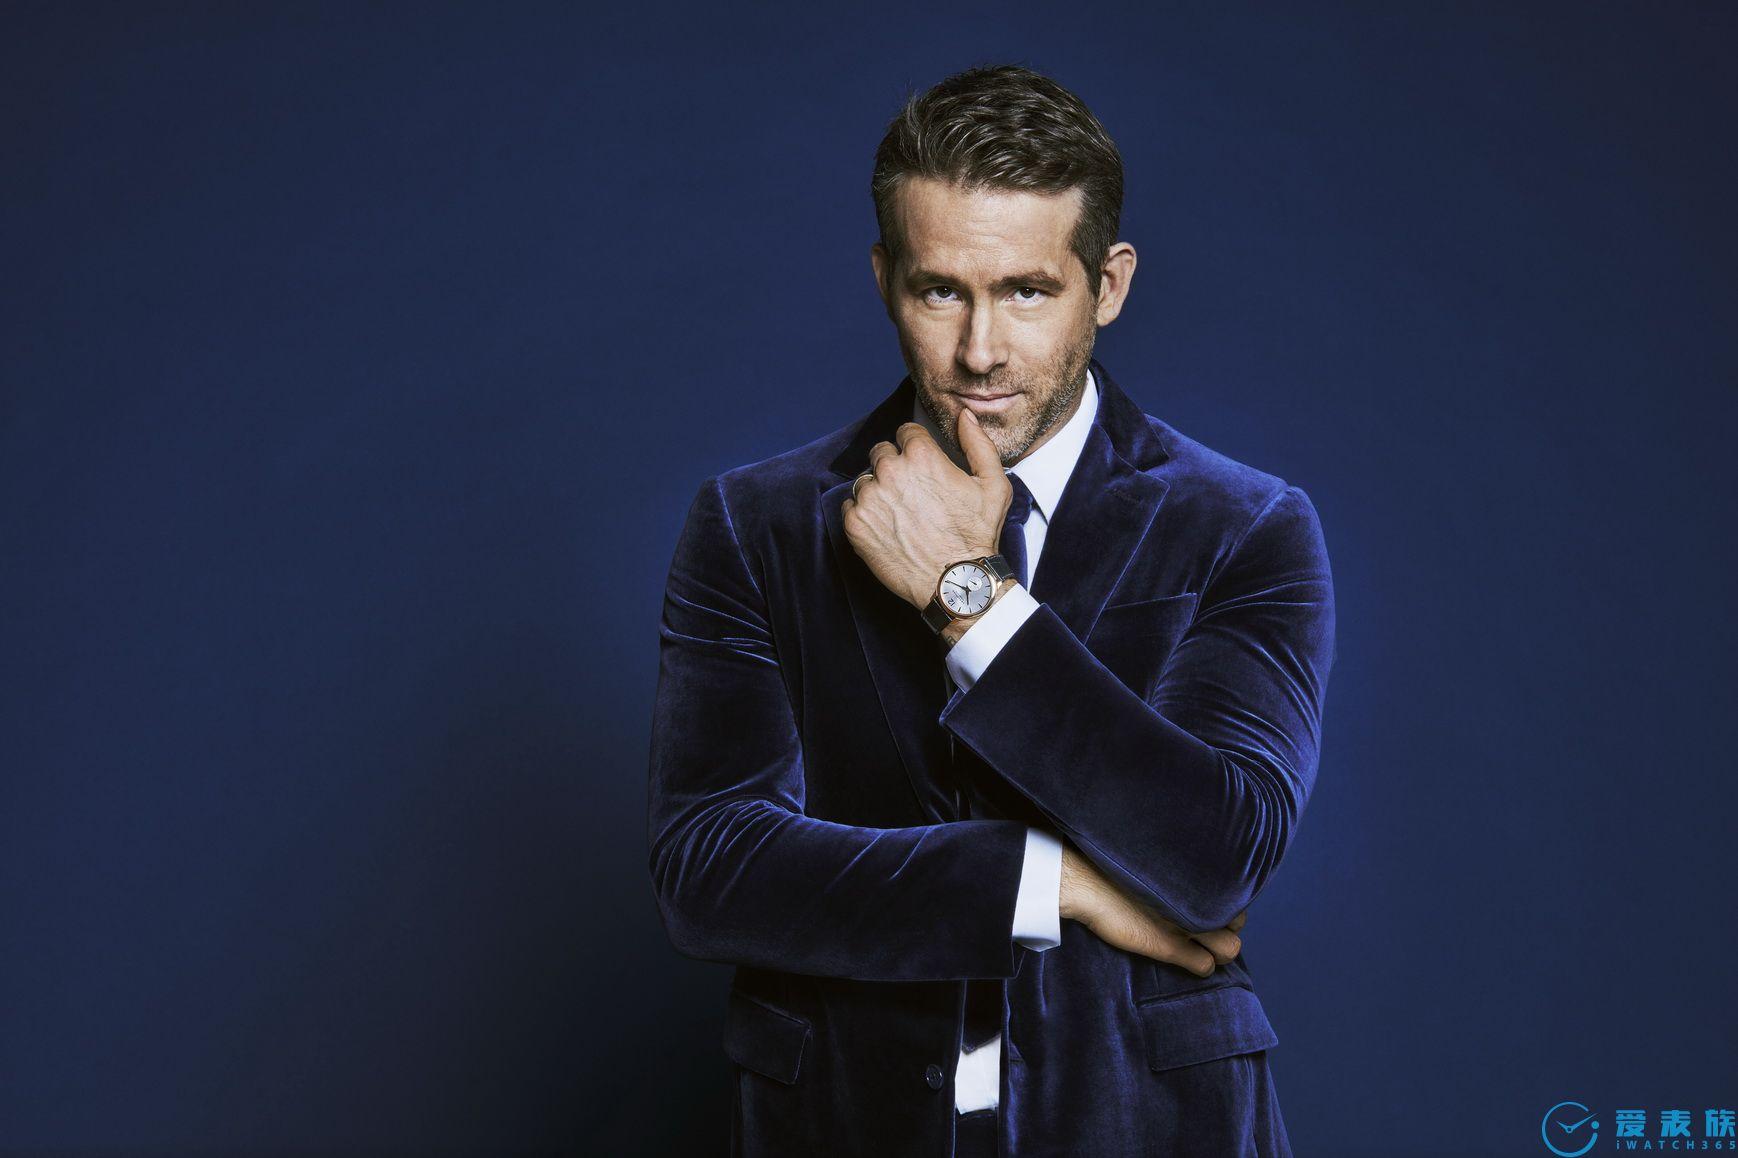 加拿大演员瑞安·雷诺兹(Ryan Reynolds)佩戴Chopard萧邦腕表彰显先锋本色